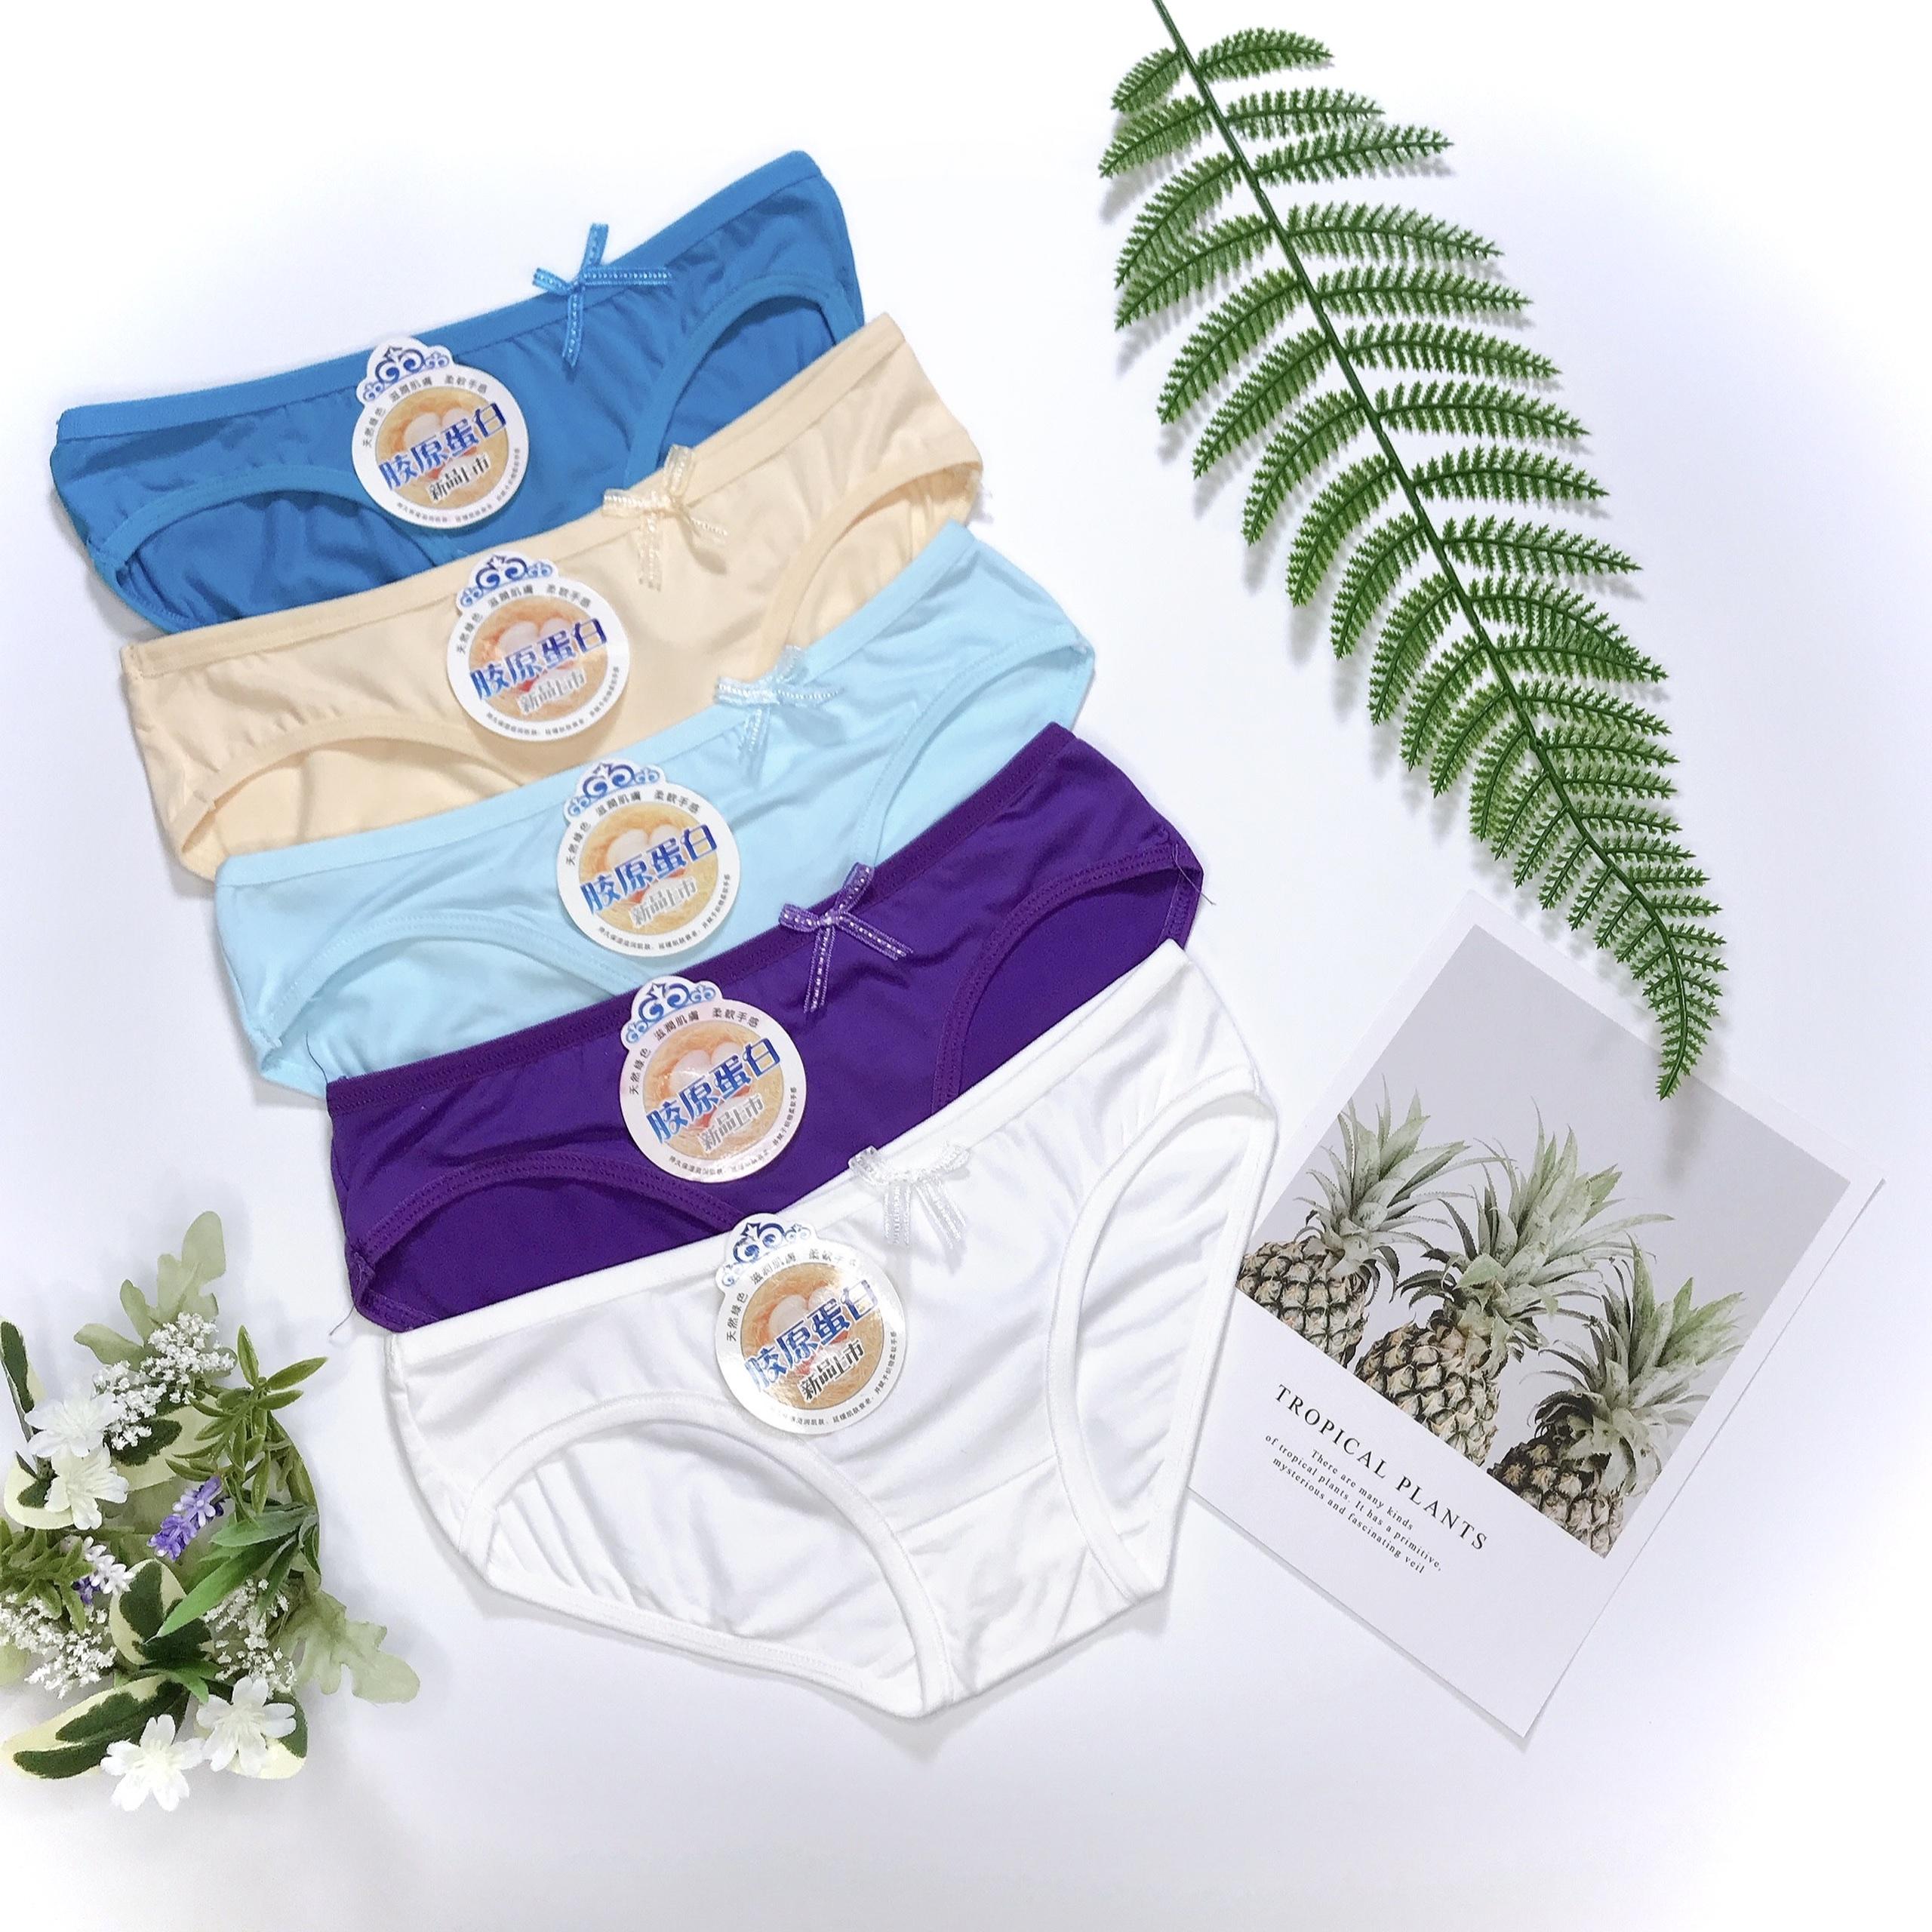 Combo 10 quần lót nữ cotton đủ màu, thấm hút mồ hôi, co dãn thoải mái, 35 - 65kg